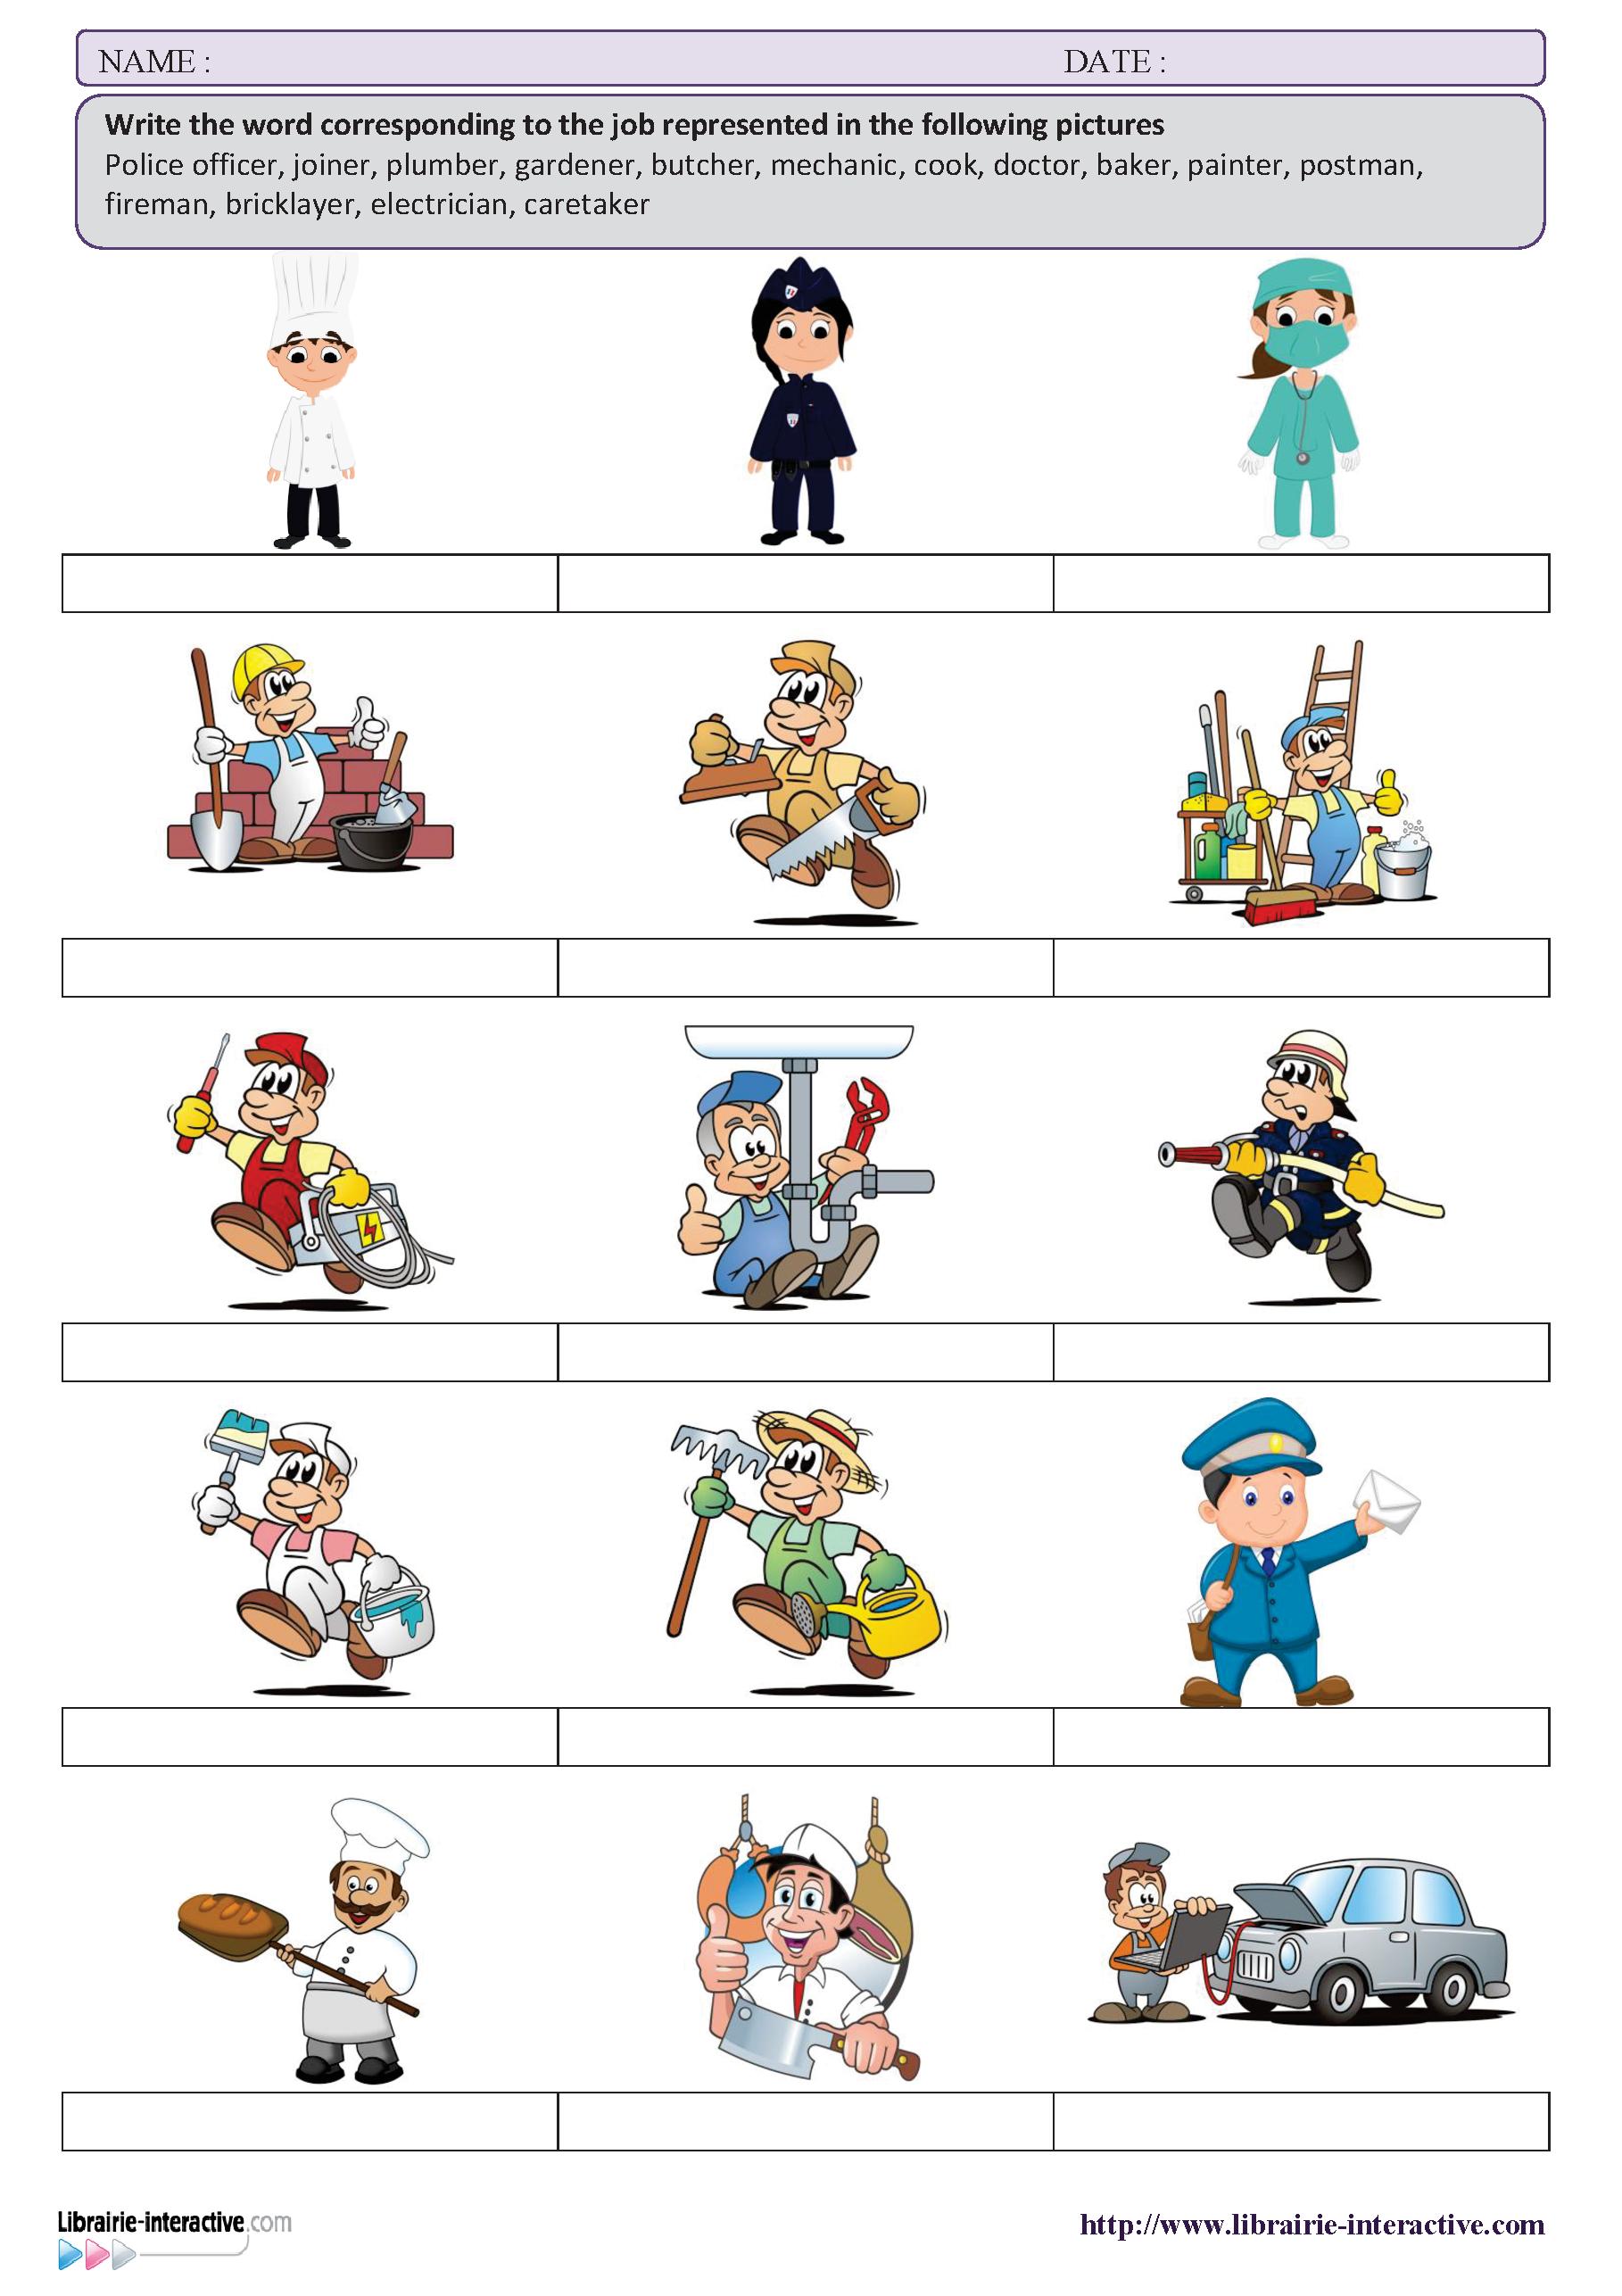 Une Petite Activite Pour Decouvrir Le Vocabulaire Des Metiers En Anglais